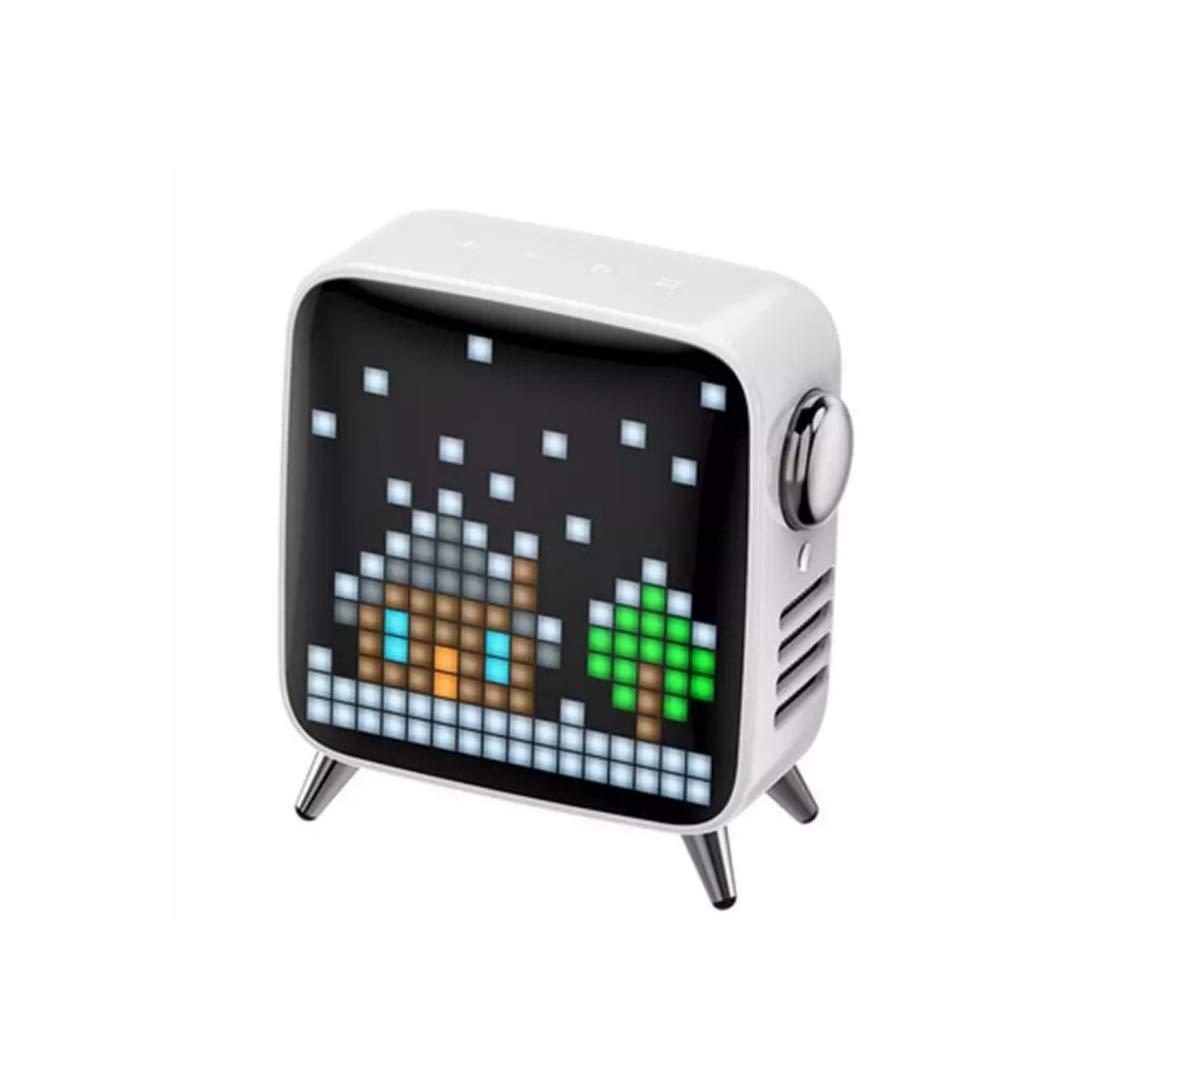 Lklmy クリエイティブピクセルスマートスピーカー3Dサラウンドハイパワースピーカーサブウーファーブルートゥーススピーカー (Color : ホワイト)   B07QGVXSH3